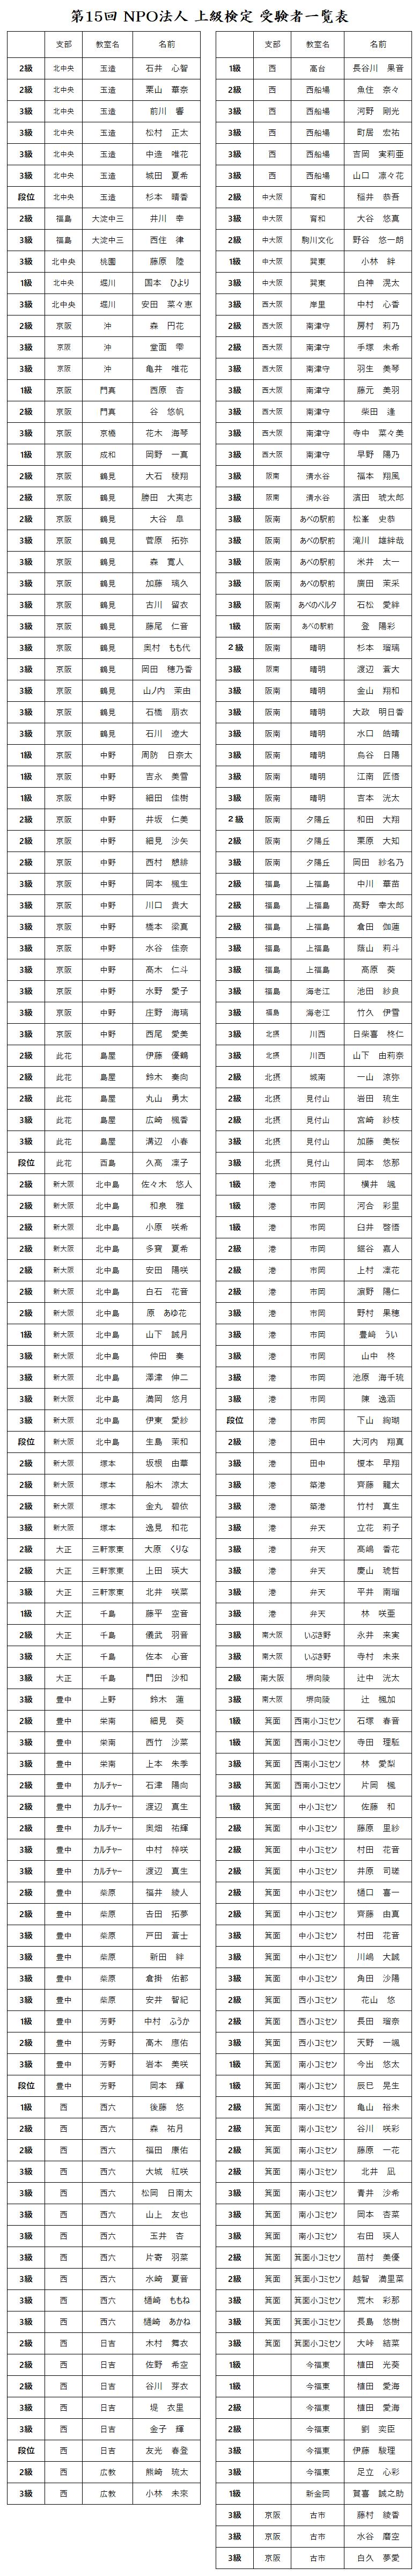 上級検定受験者一覧表.png